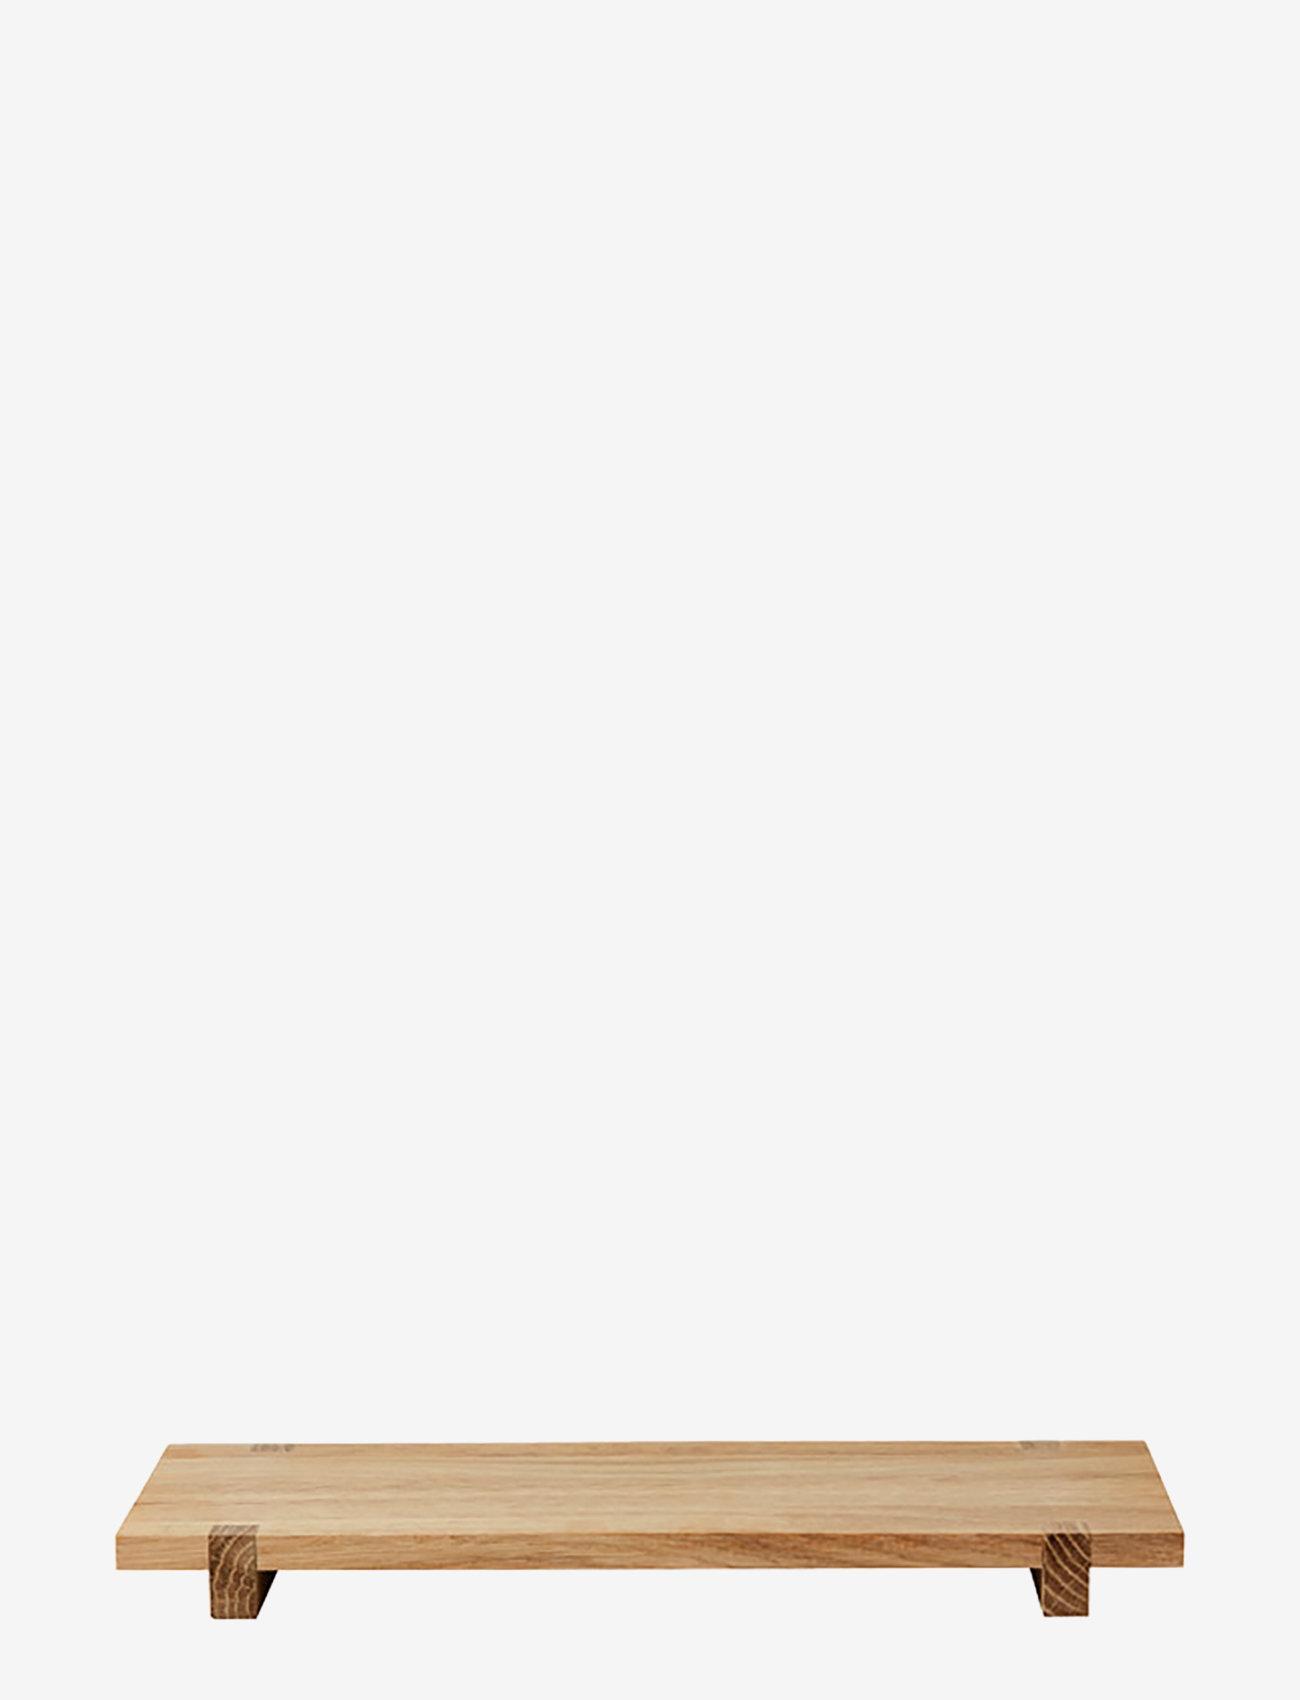 Kristina Dam Studio - Japanese Wood Board - Small - tapasbrett og sett - oak - 0